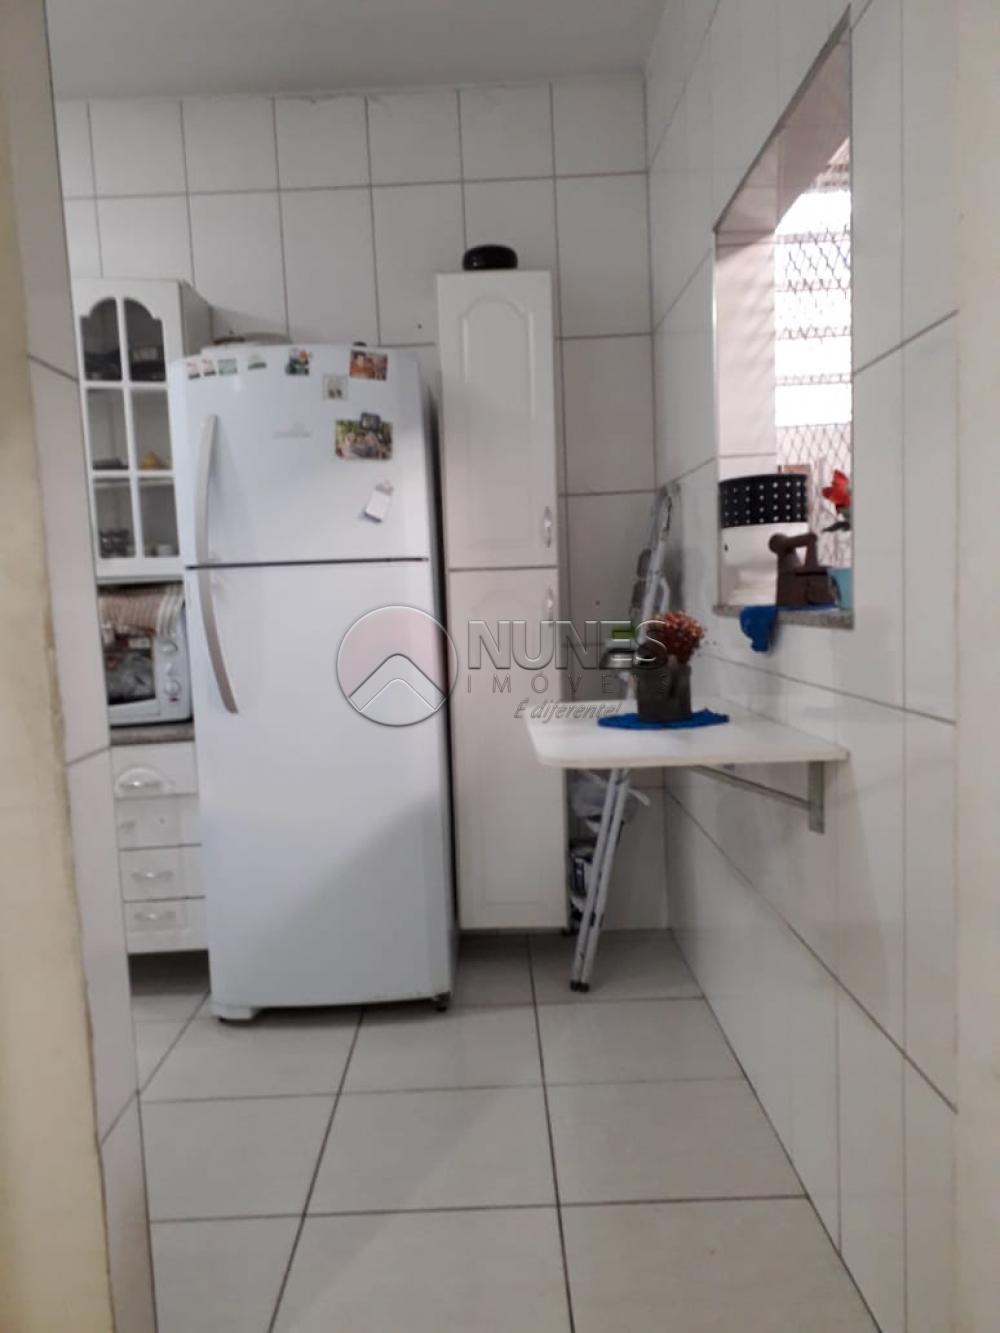 Comprar Casa / Sobrado em Osasco apenas R$ 370.000,00 - Foto 8